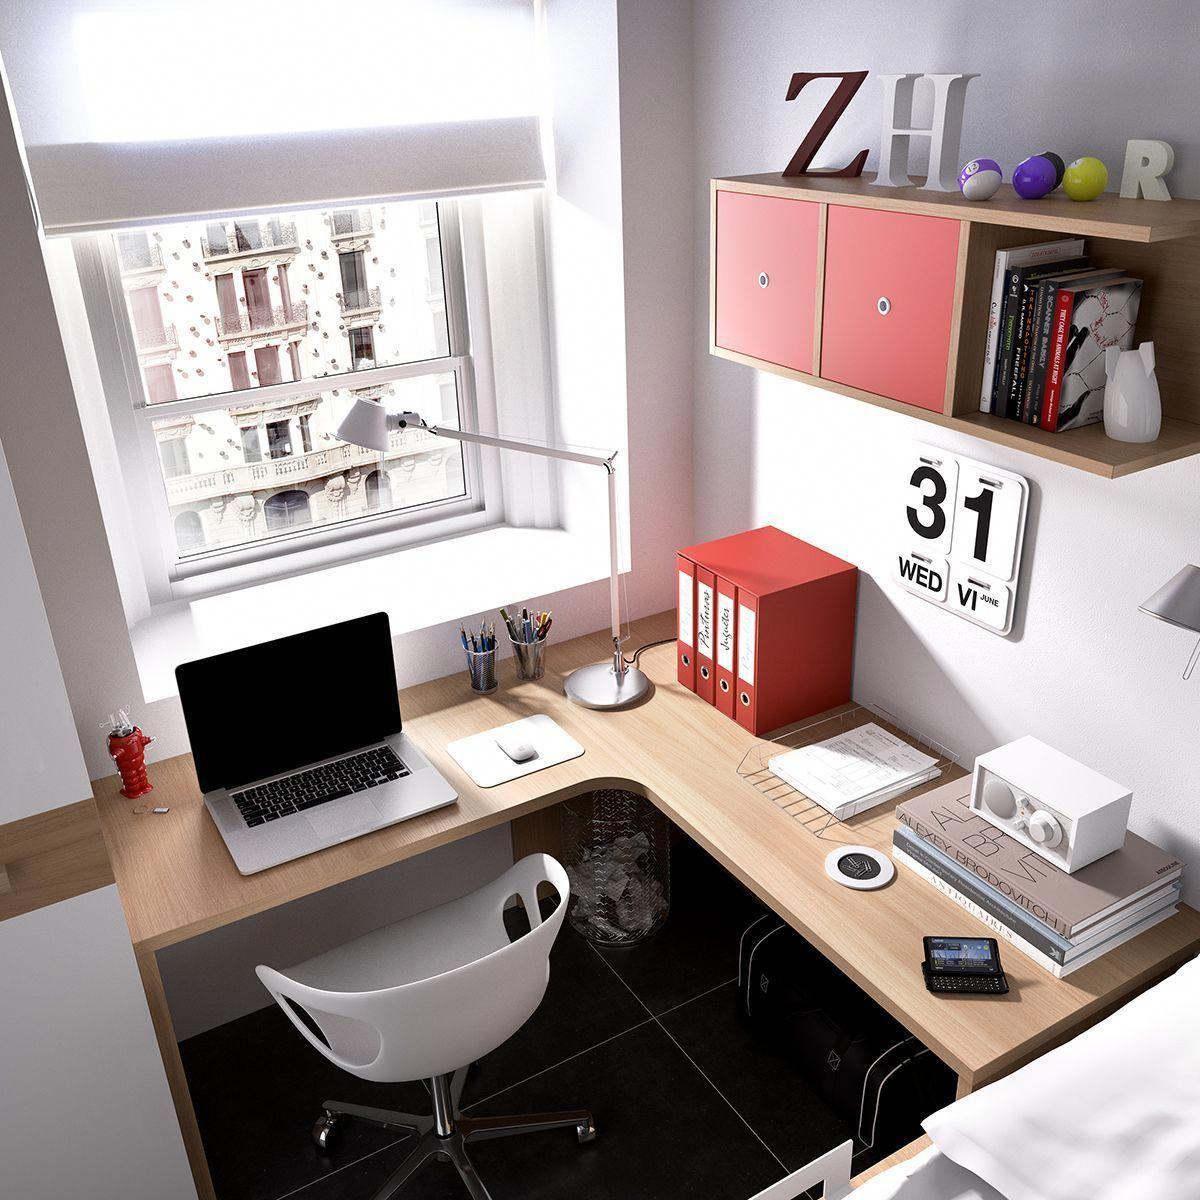 Productivity Boosting Study Room Ideas: Love Hulten Astovox Hi-Fi, WD 4TB